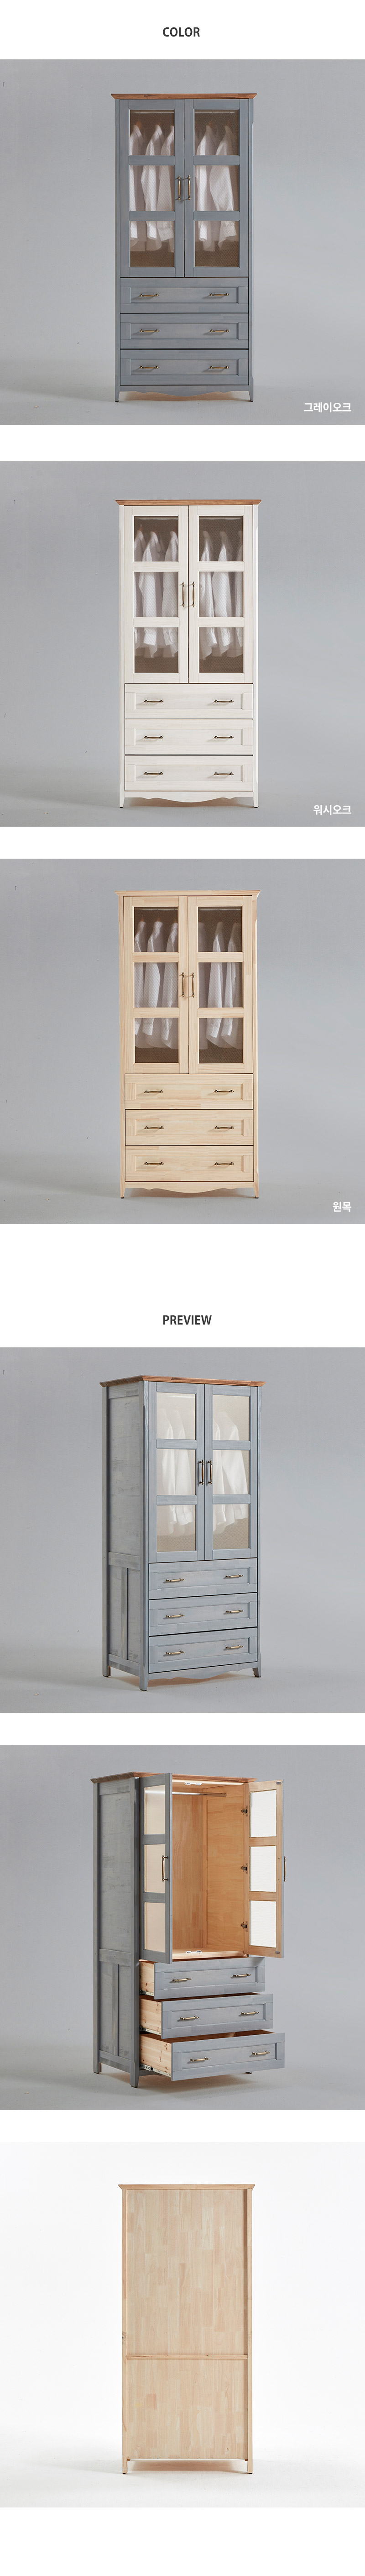 피렌체 원목 3서랍 장롱 - 인우드, 581,900원, 붙박이장/장롱, 옷장/싱글장